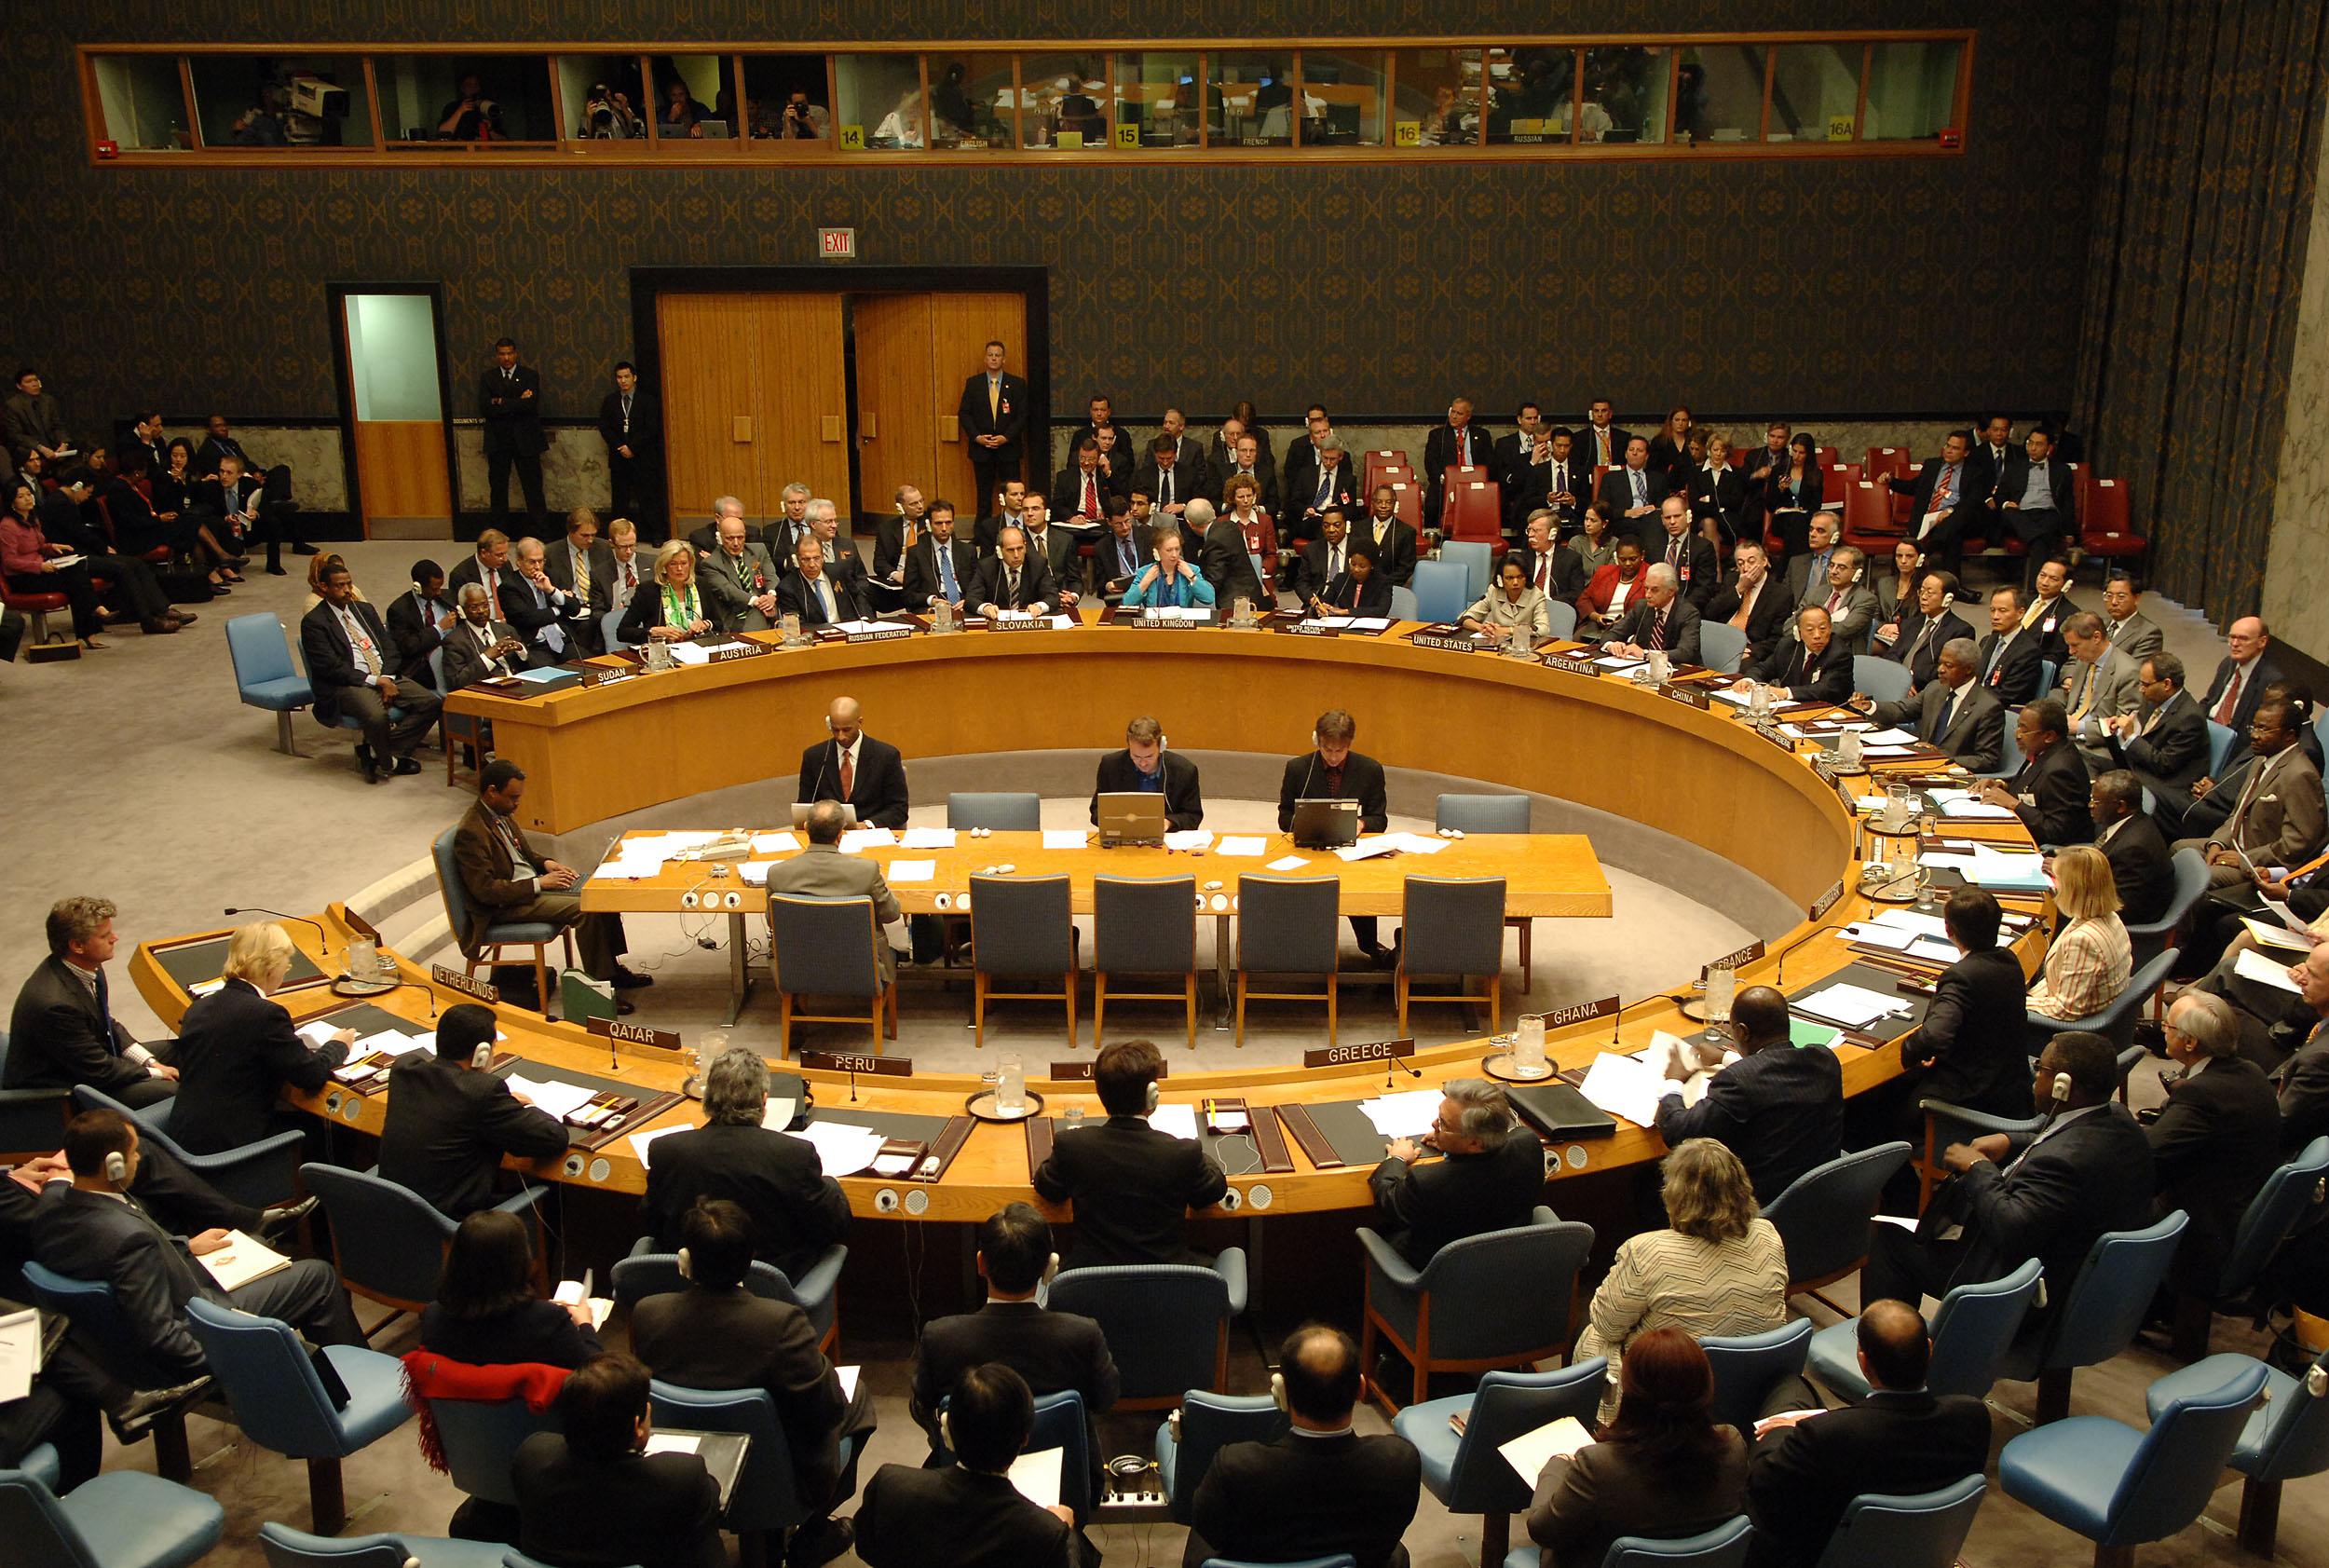 Russia vetoes UN resolution on Syria gas attack probe